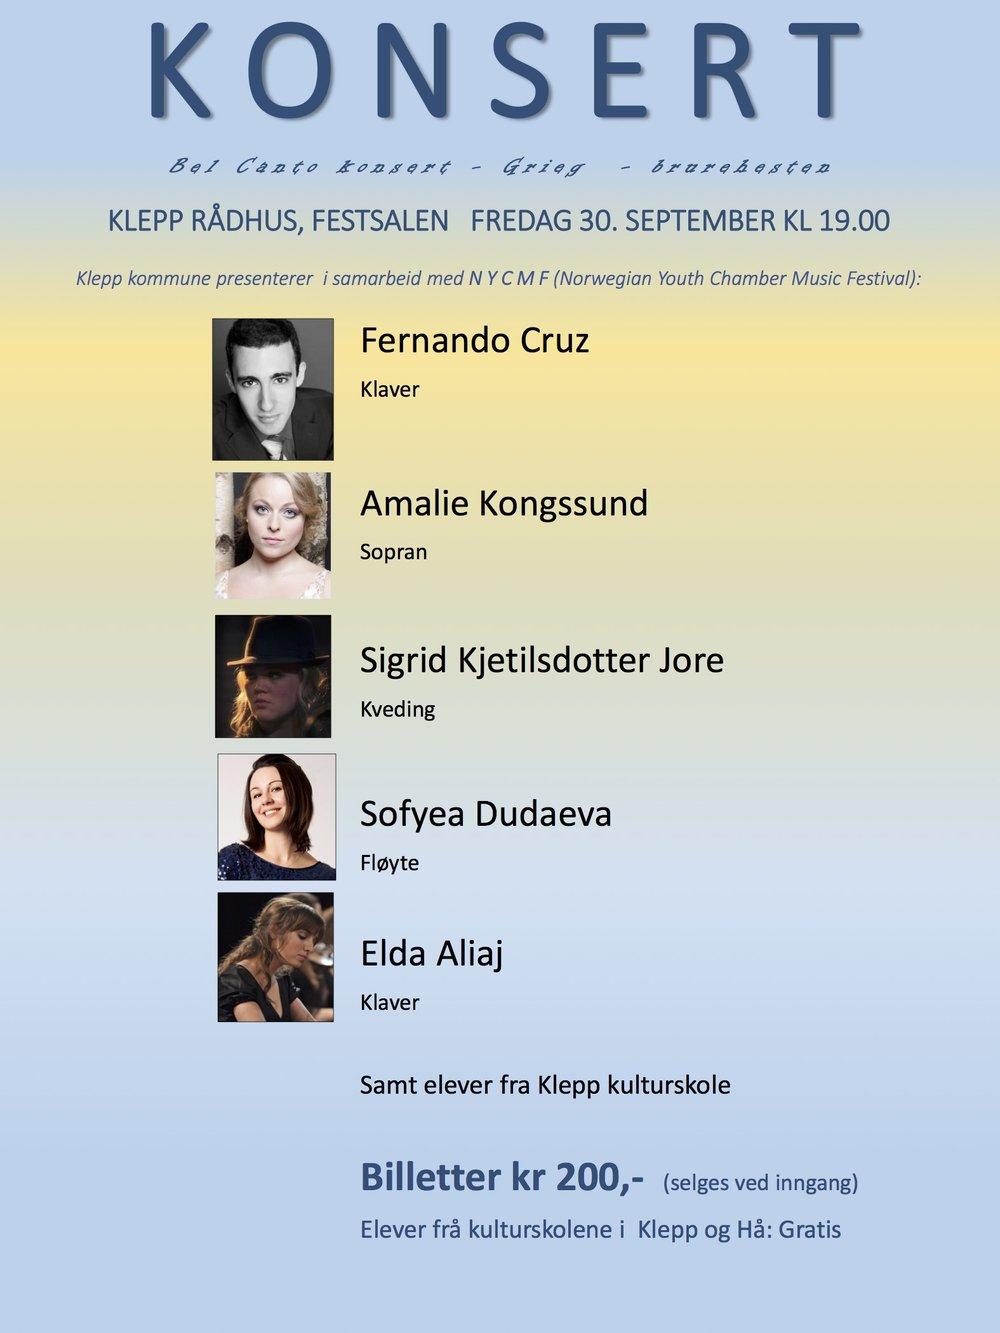 konsert 300916 plakat.jpg